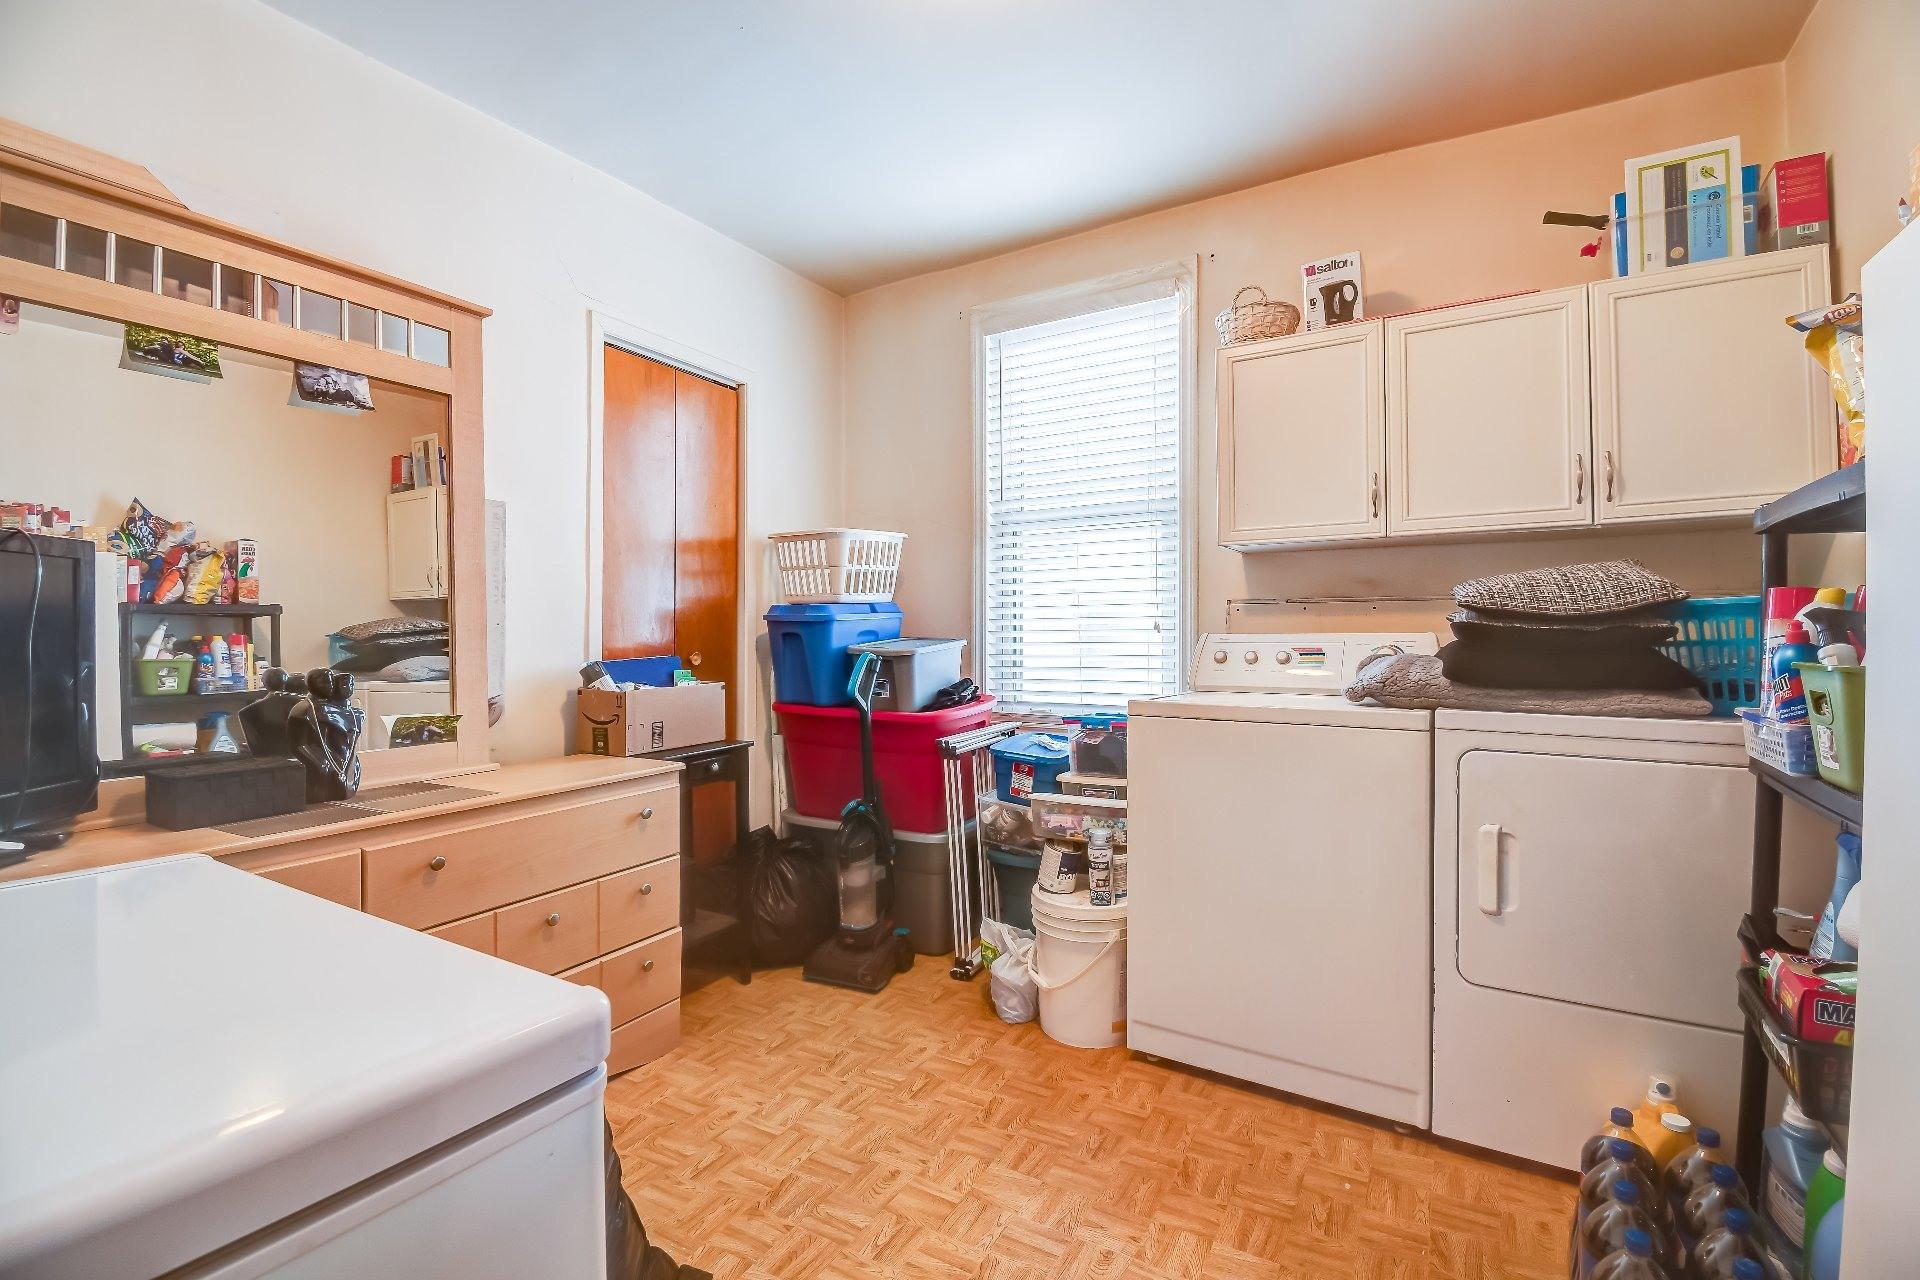 image 18 - Duplex À vendre Trois-Rivières - 3 pièces